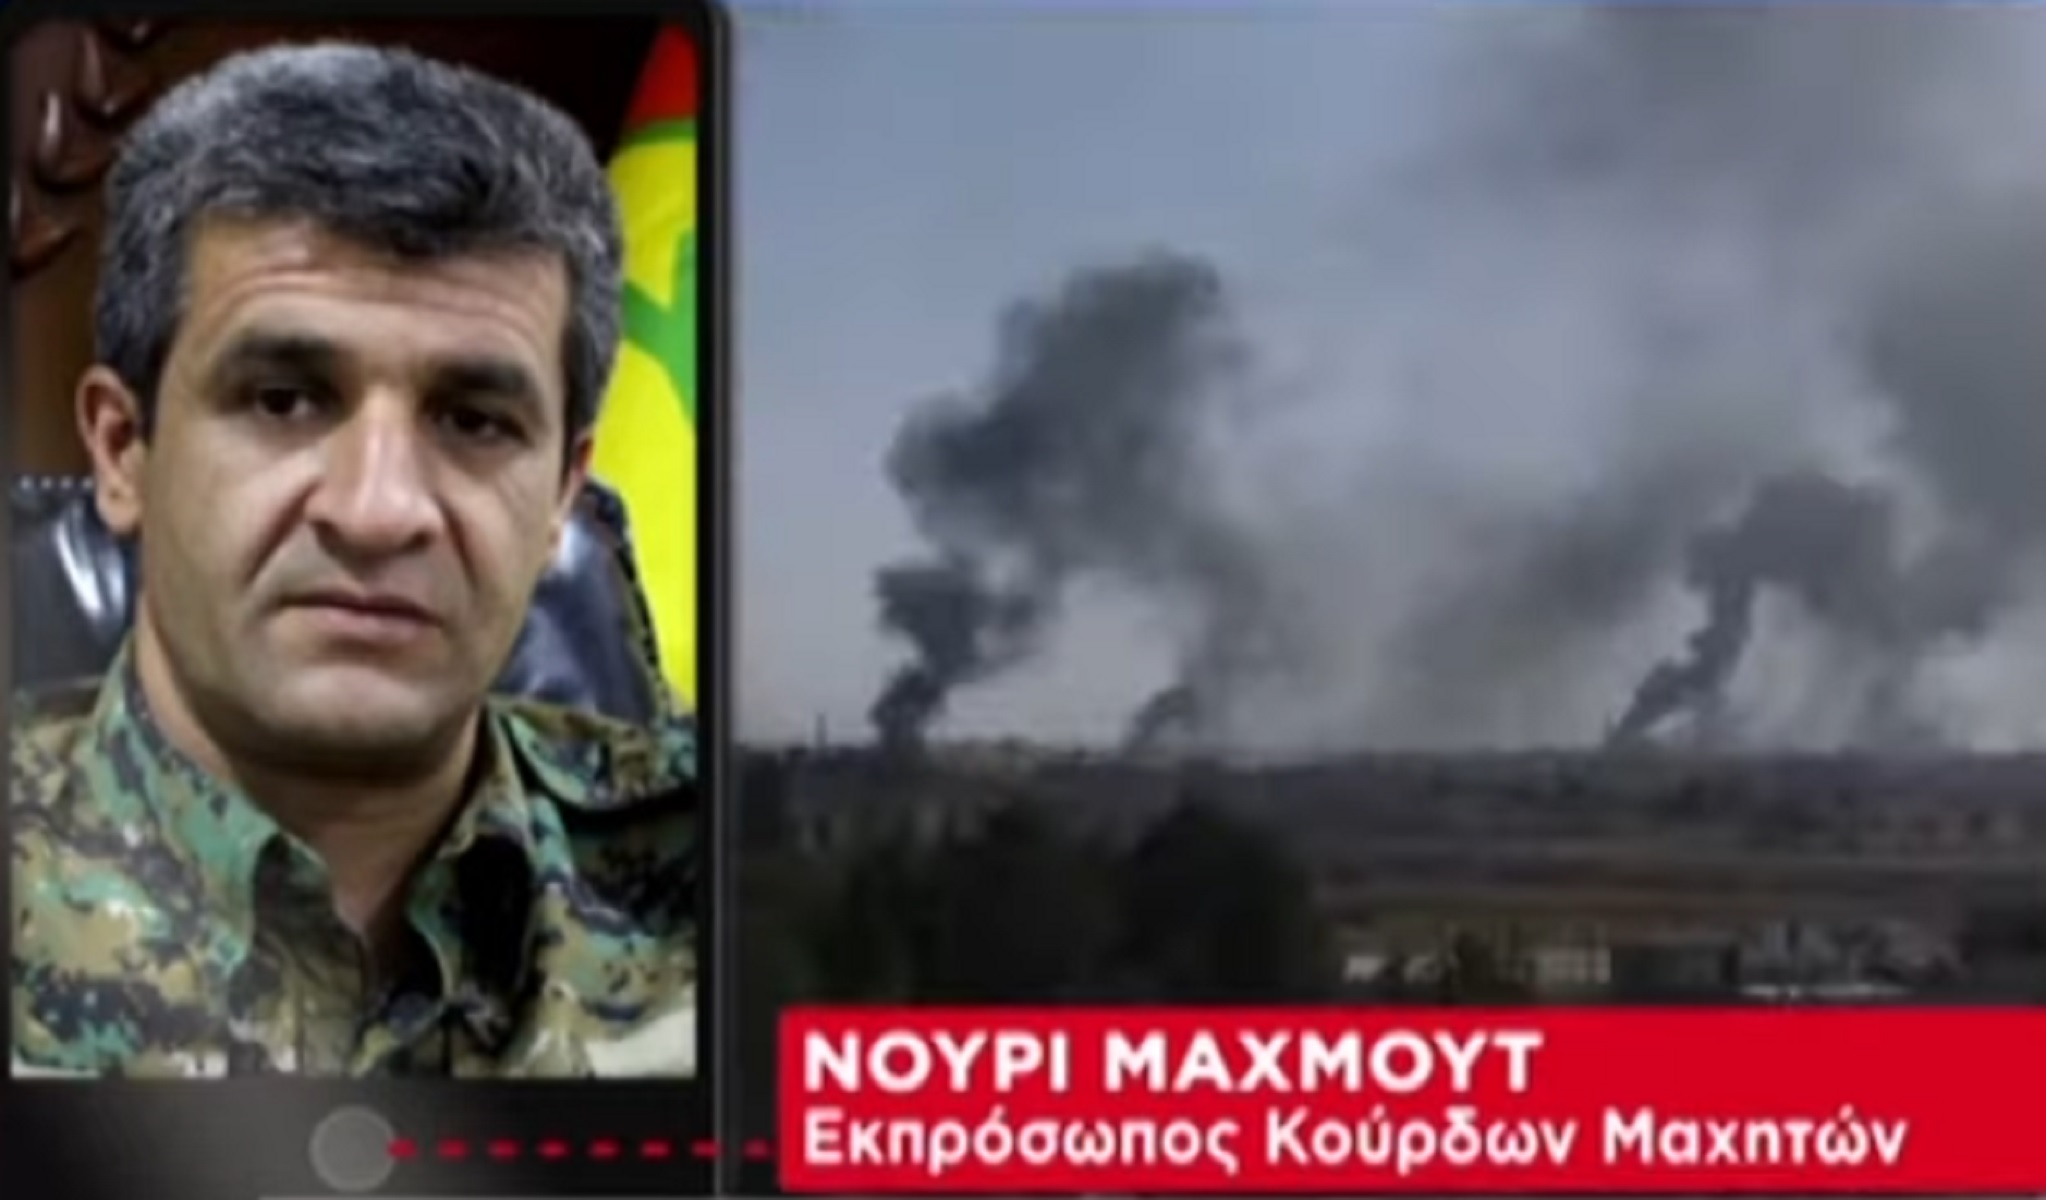 """Συρία: """"Ο Ερντογάν μας στέλνει τζιχαντιστές"""" αποκαλύπτει Κούρδος μαχητής"""